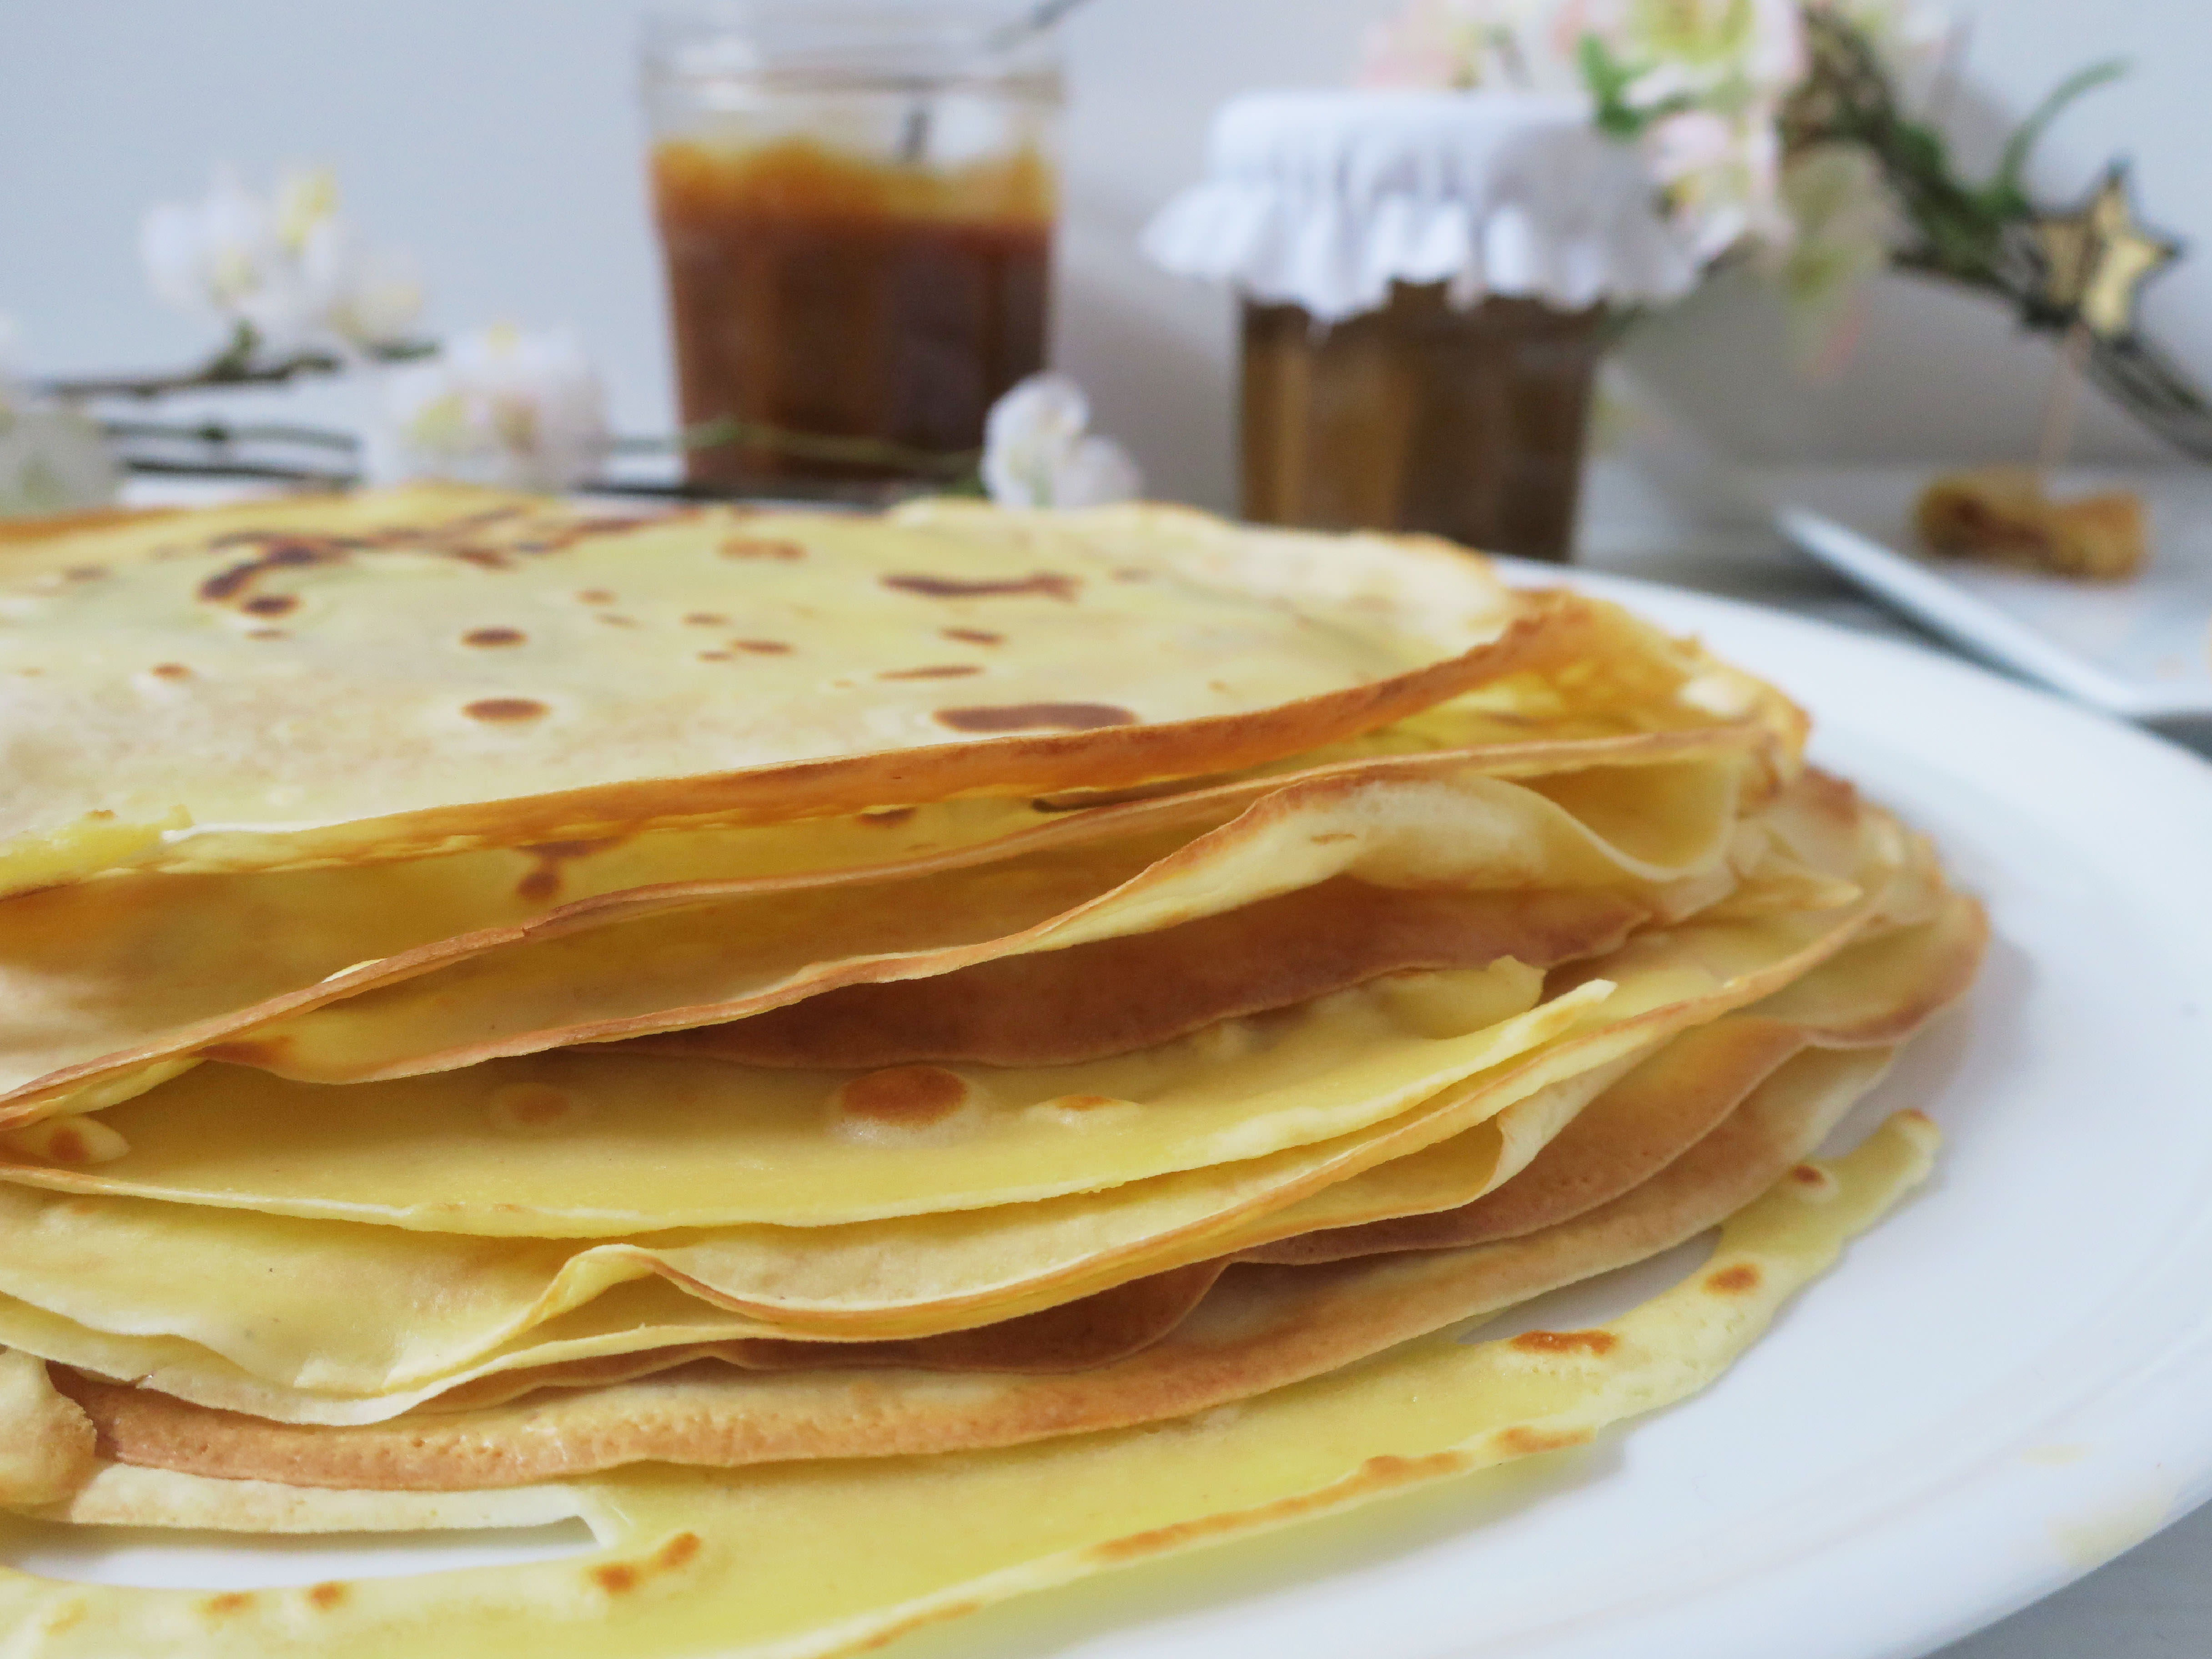 Cr pes et caramel au beurre sal faits maison lulalovegood - Laisser reposer la pate a crepe ...